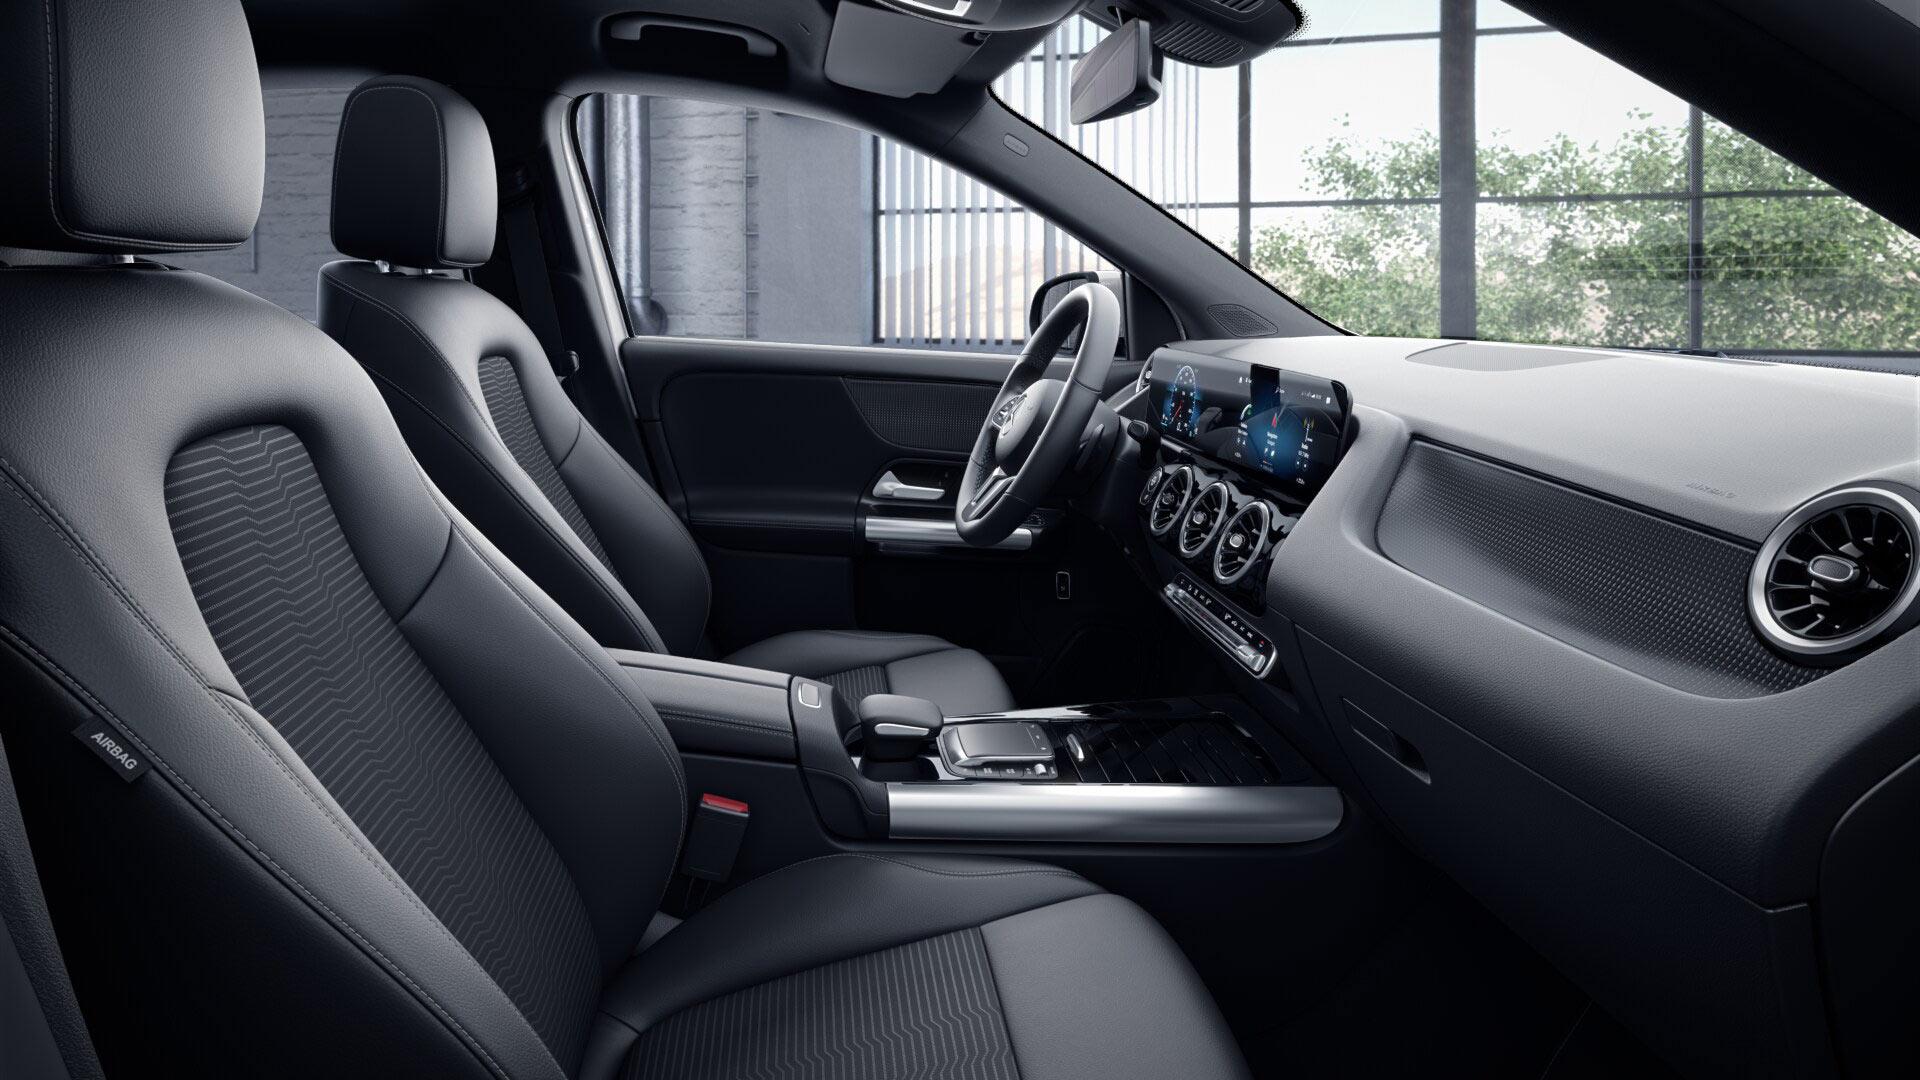 Poste de conduite de la Mercedes GLA avec vue sur l'écran tactile, sellerie et la console centrale